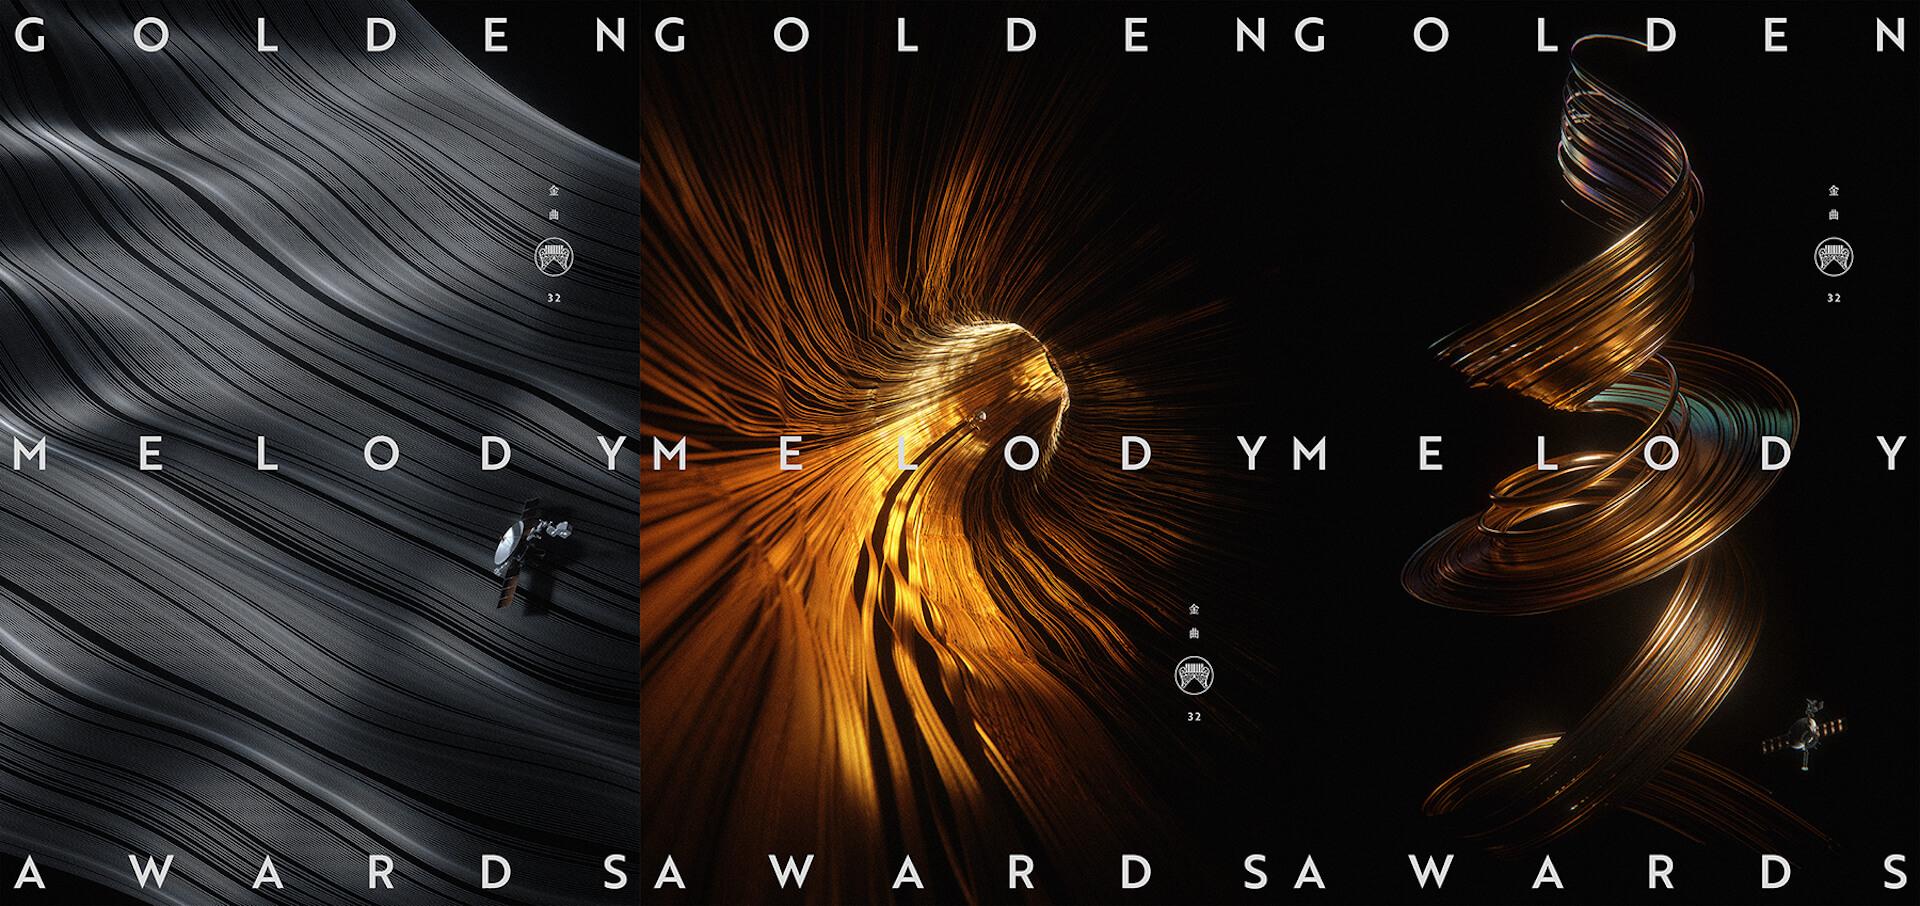 「台湾の音楽って何語?」問題を、台湾最大の音楽アワード金曲獎から紐解いてみた。 column210803_taiwan-goldenn-melody-awards-01